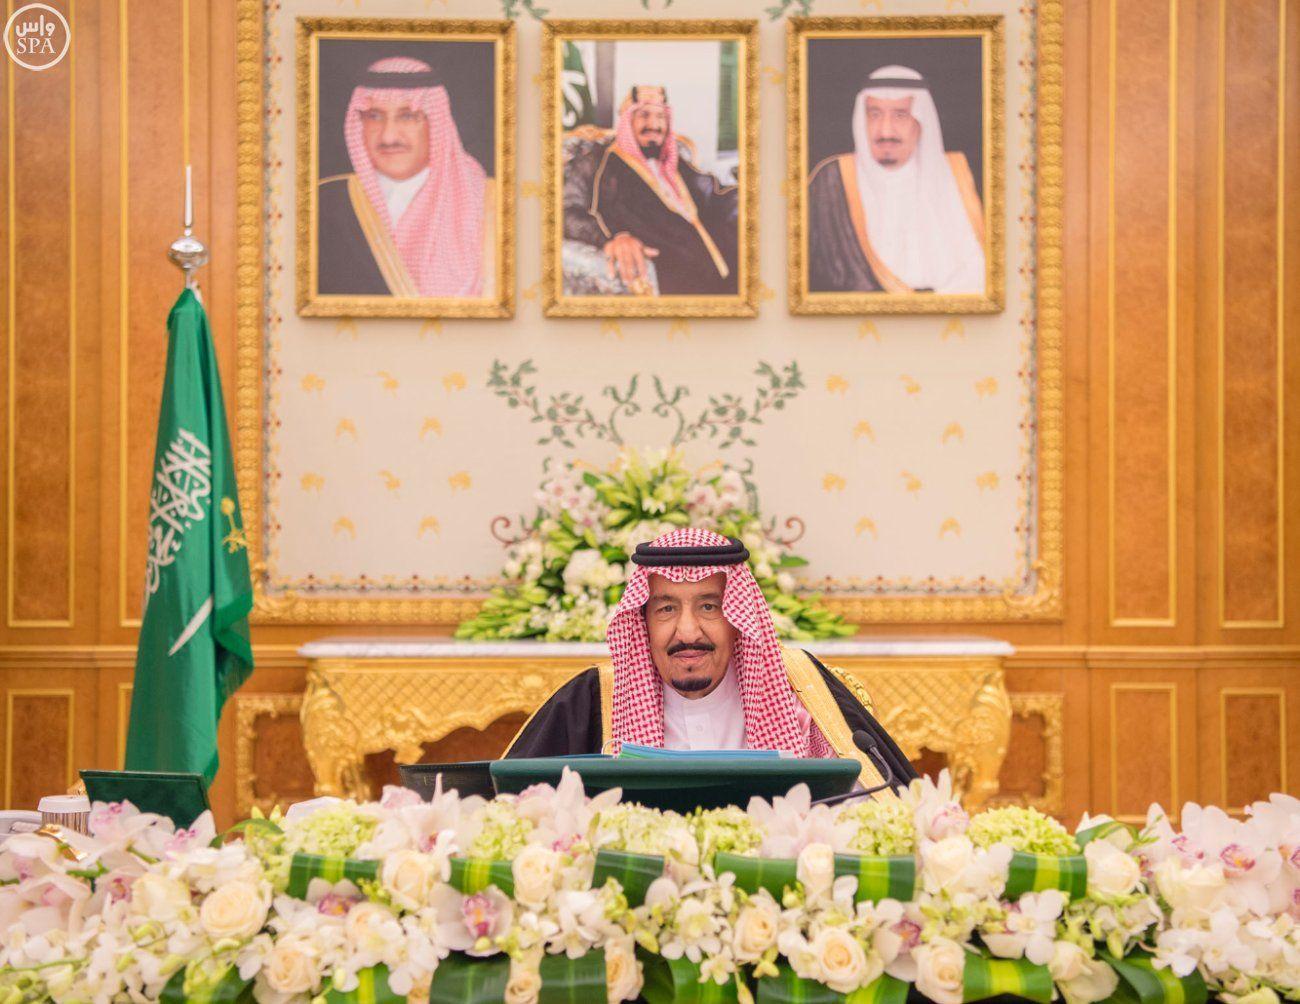 صحيفة سبق: مجلس الوزراء: نعتز بالعلاقة المميزة التي تربط السعودية بالشعب اللبناني الشقيق - أخبار السعودية